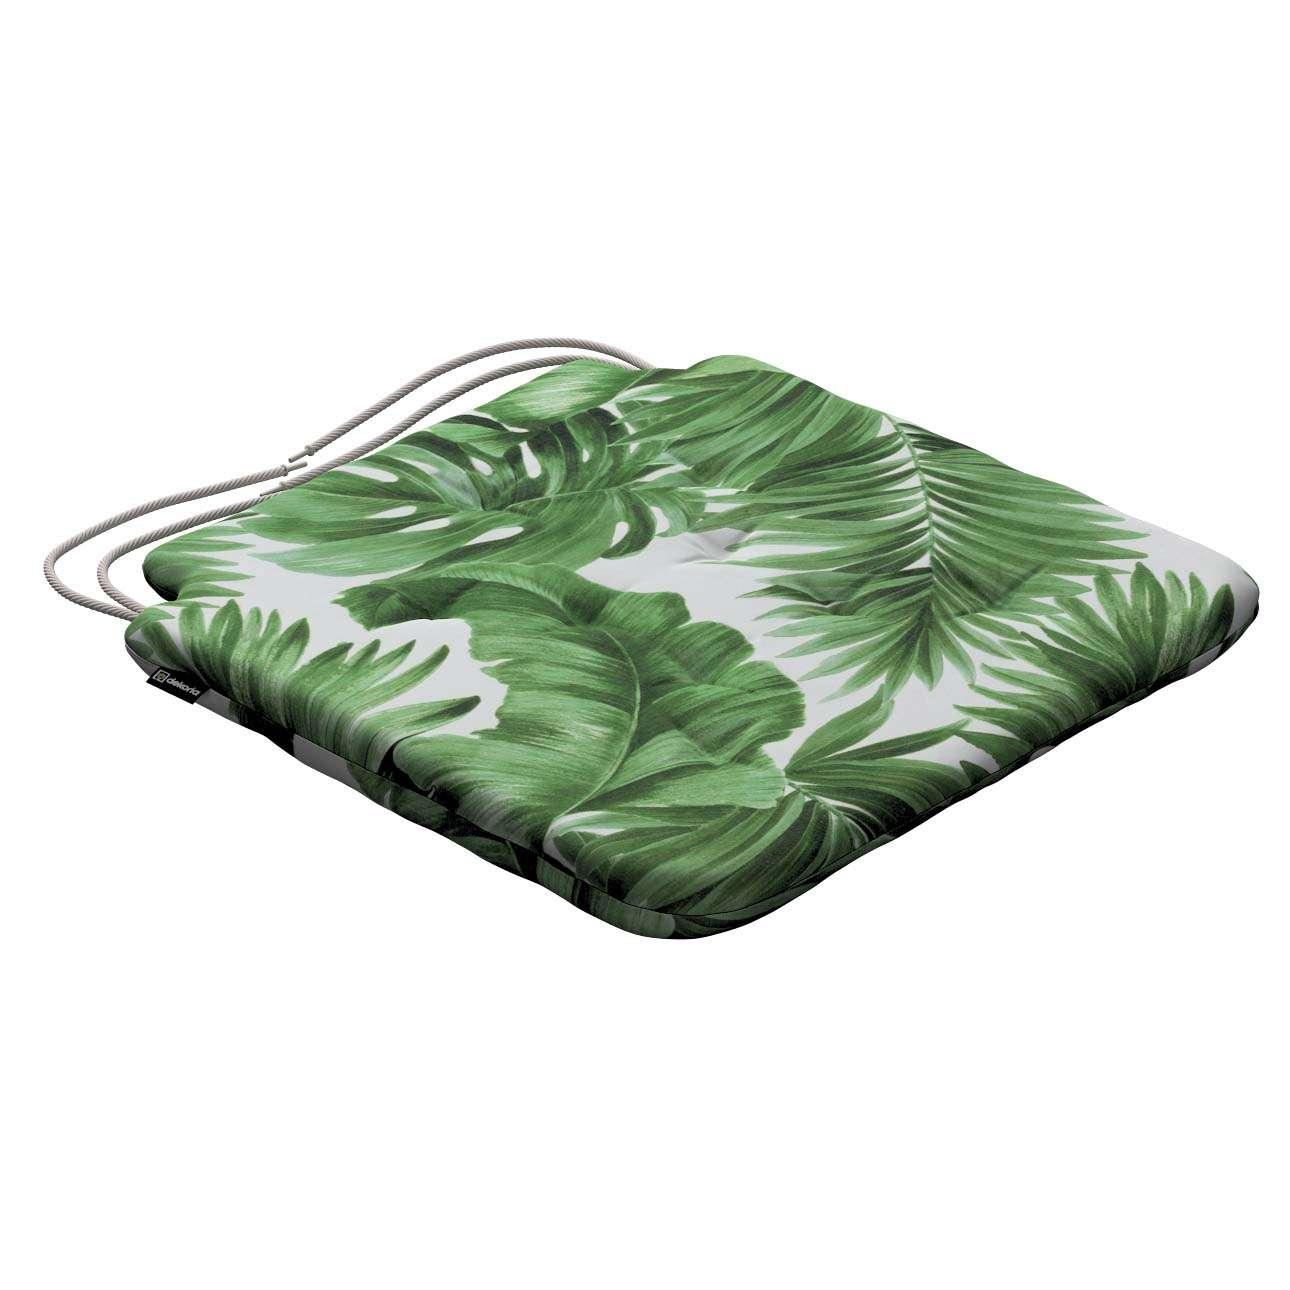 Siedzisko Olek na krzesło w kolekcji Urban Jungle, tkanina: 141-71